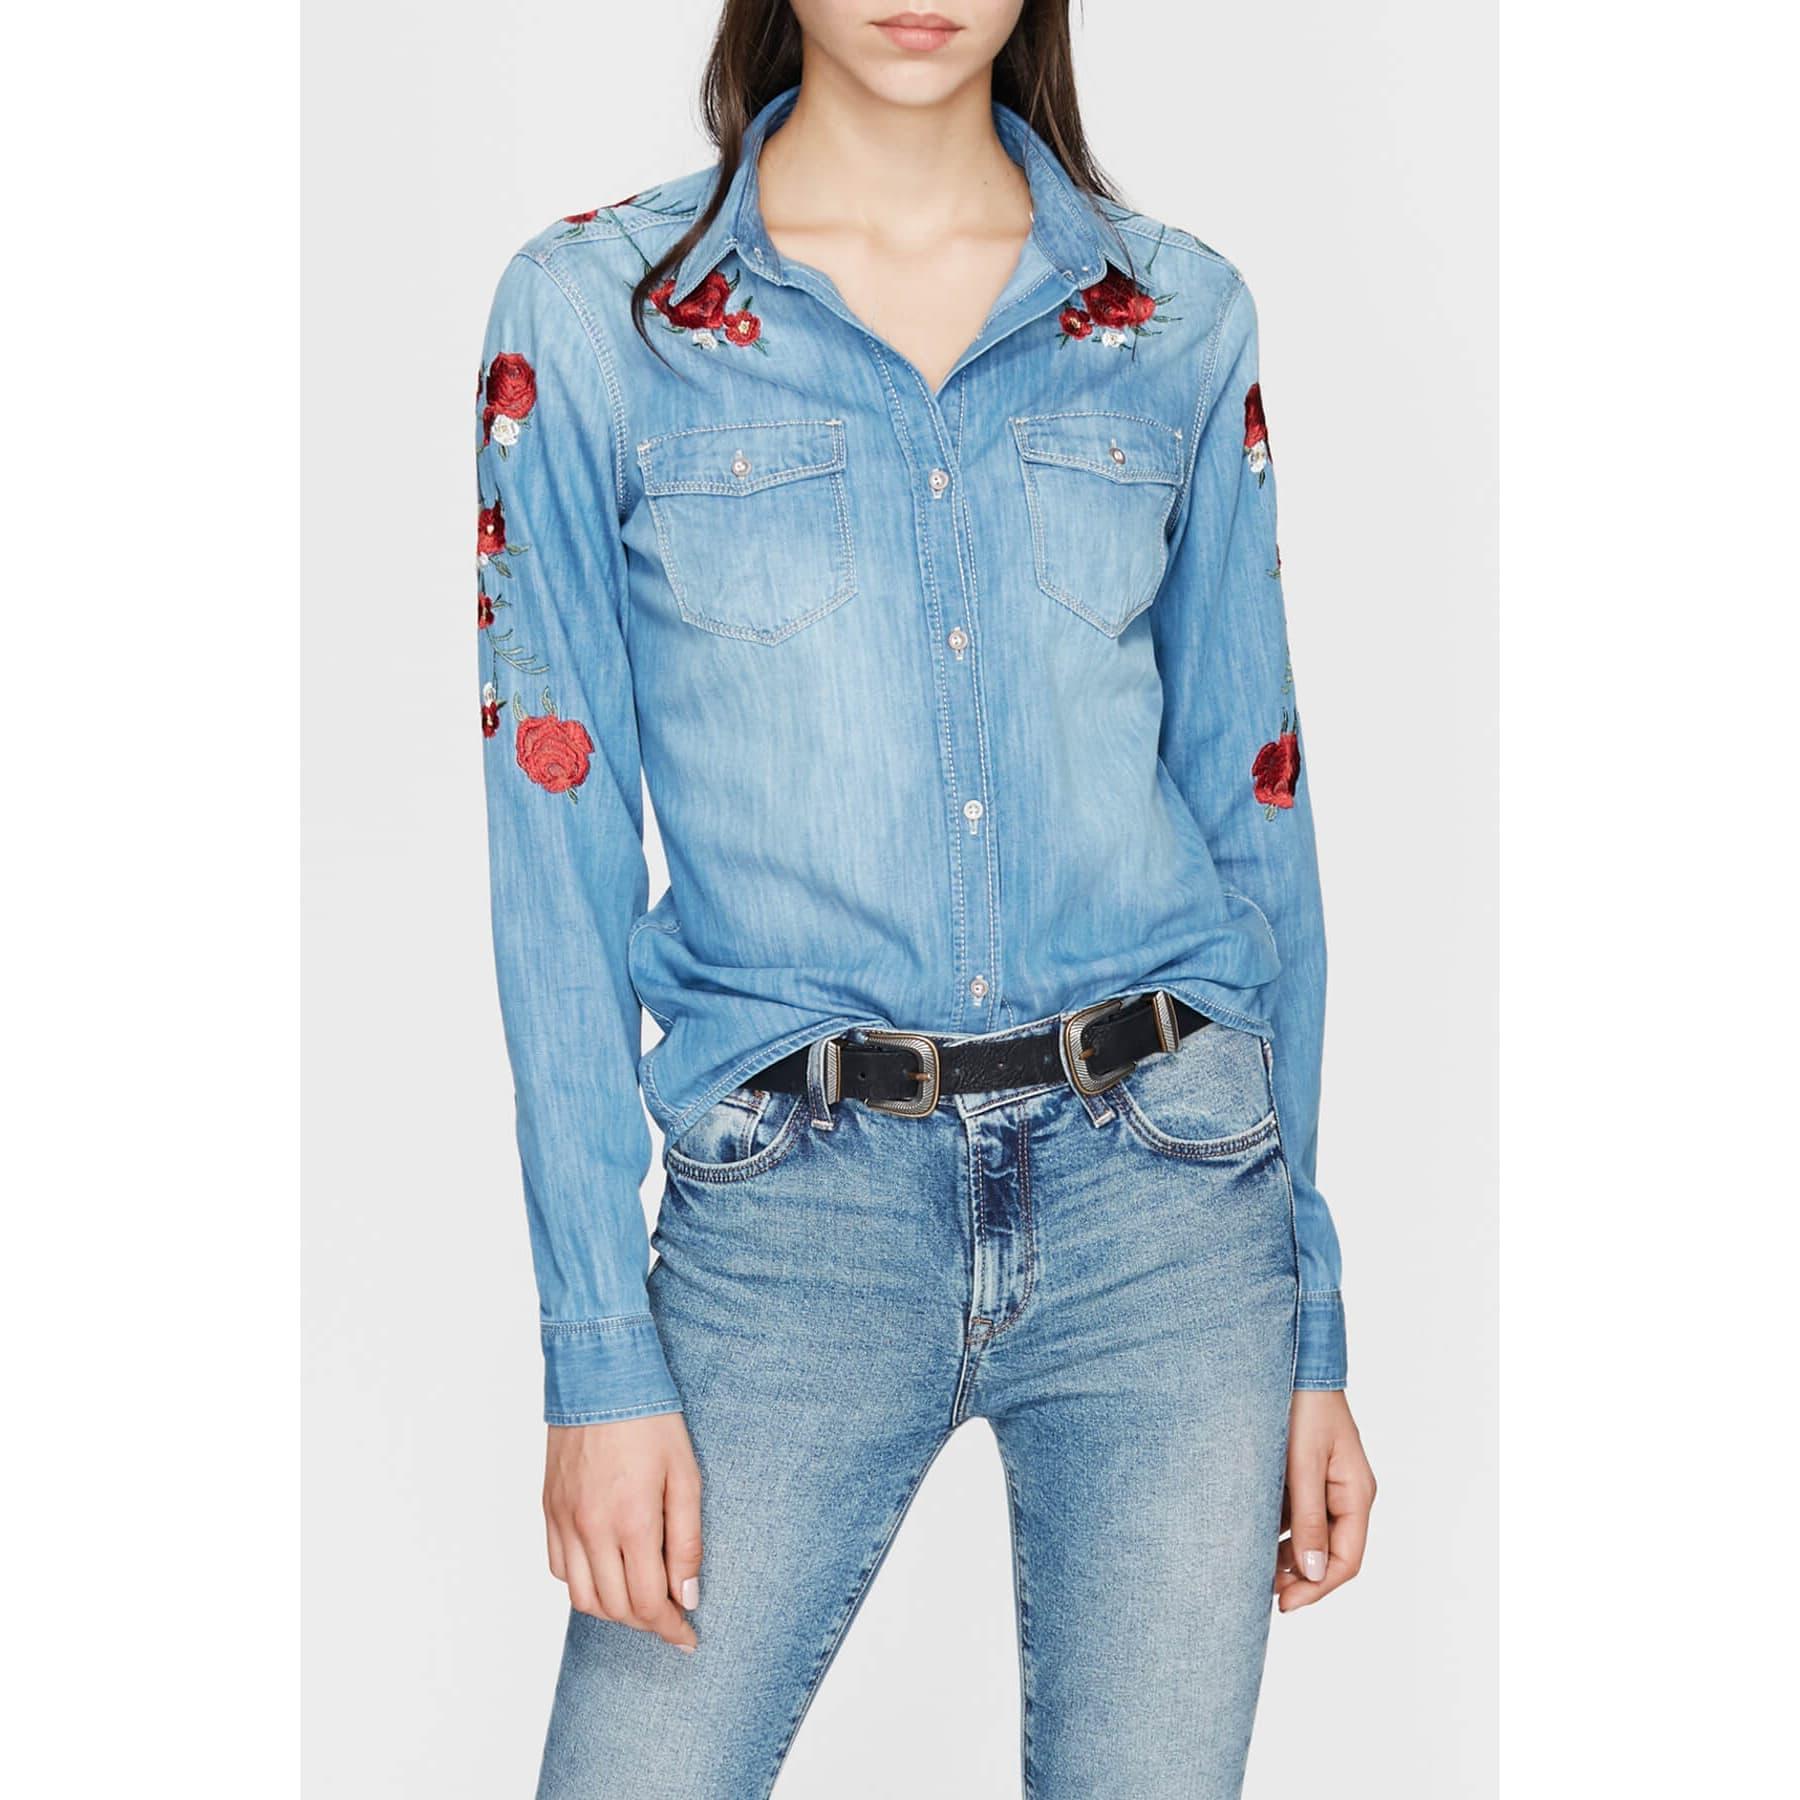 Mavi Jeans Kadın Çiçek Nakışlı Kot Gömlek